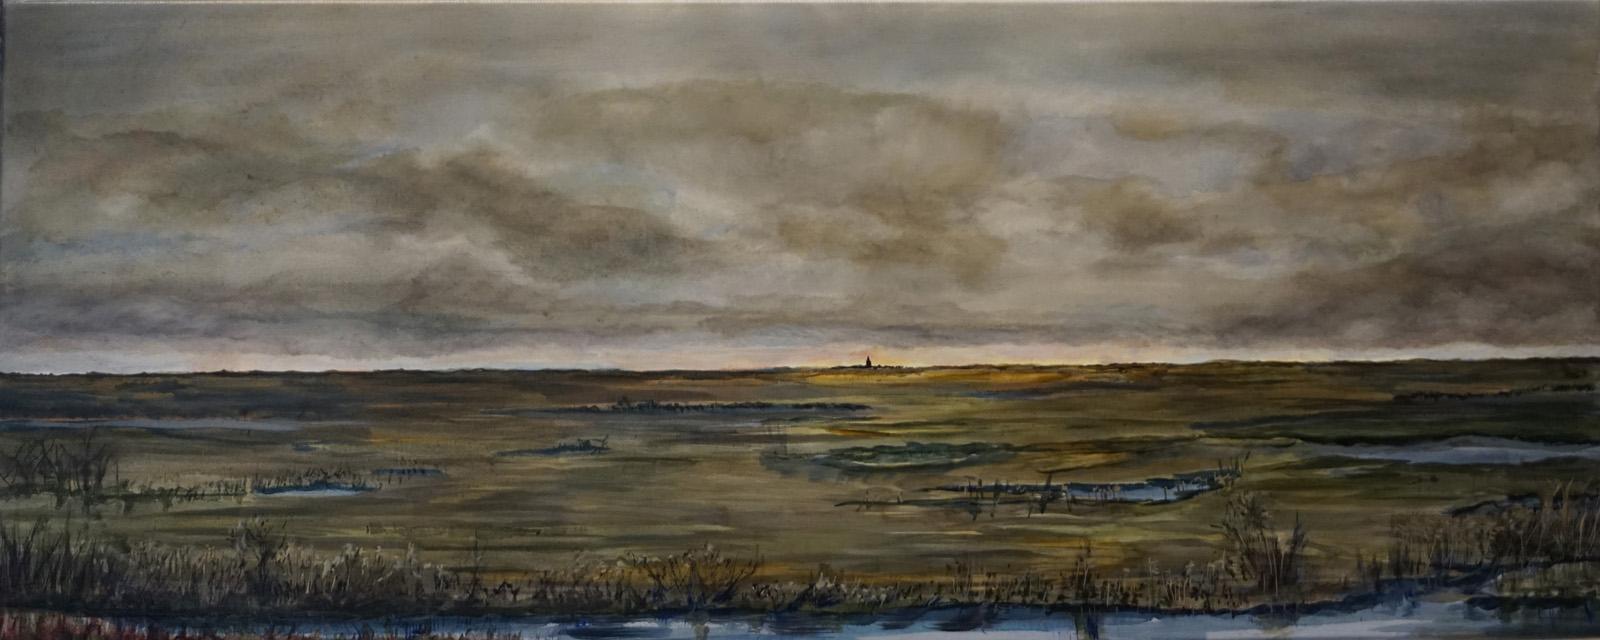 skyline, A2, polder, december, middag, donkere wolken, regenachtig, zonlicht, oplichtende horizon, kerktoren, kerk, water, sloten, oplichten, helder, spiegelend, wateroppervlak